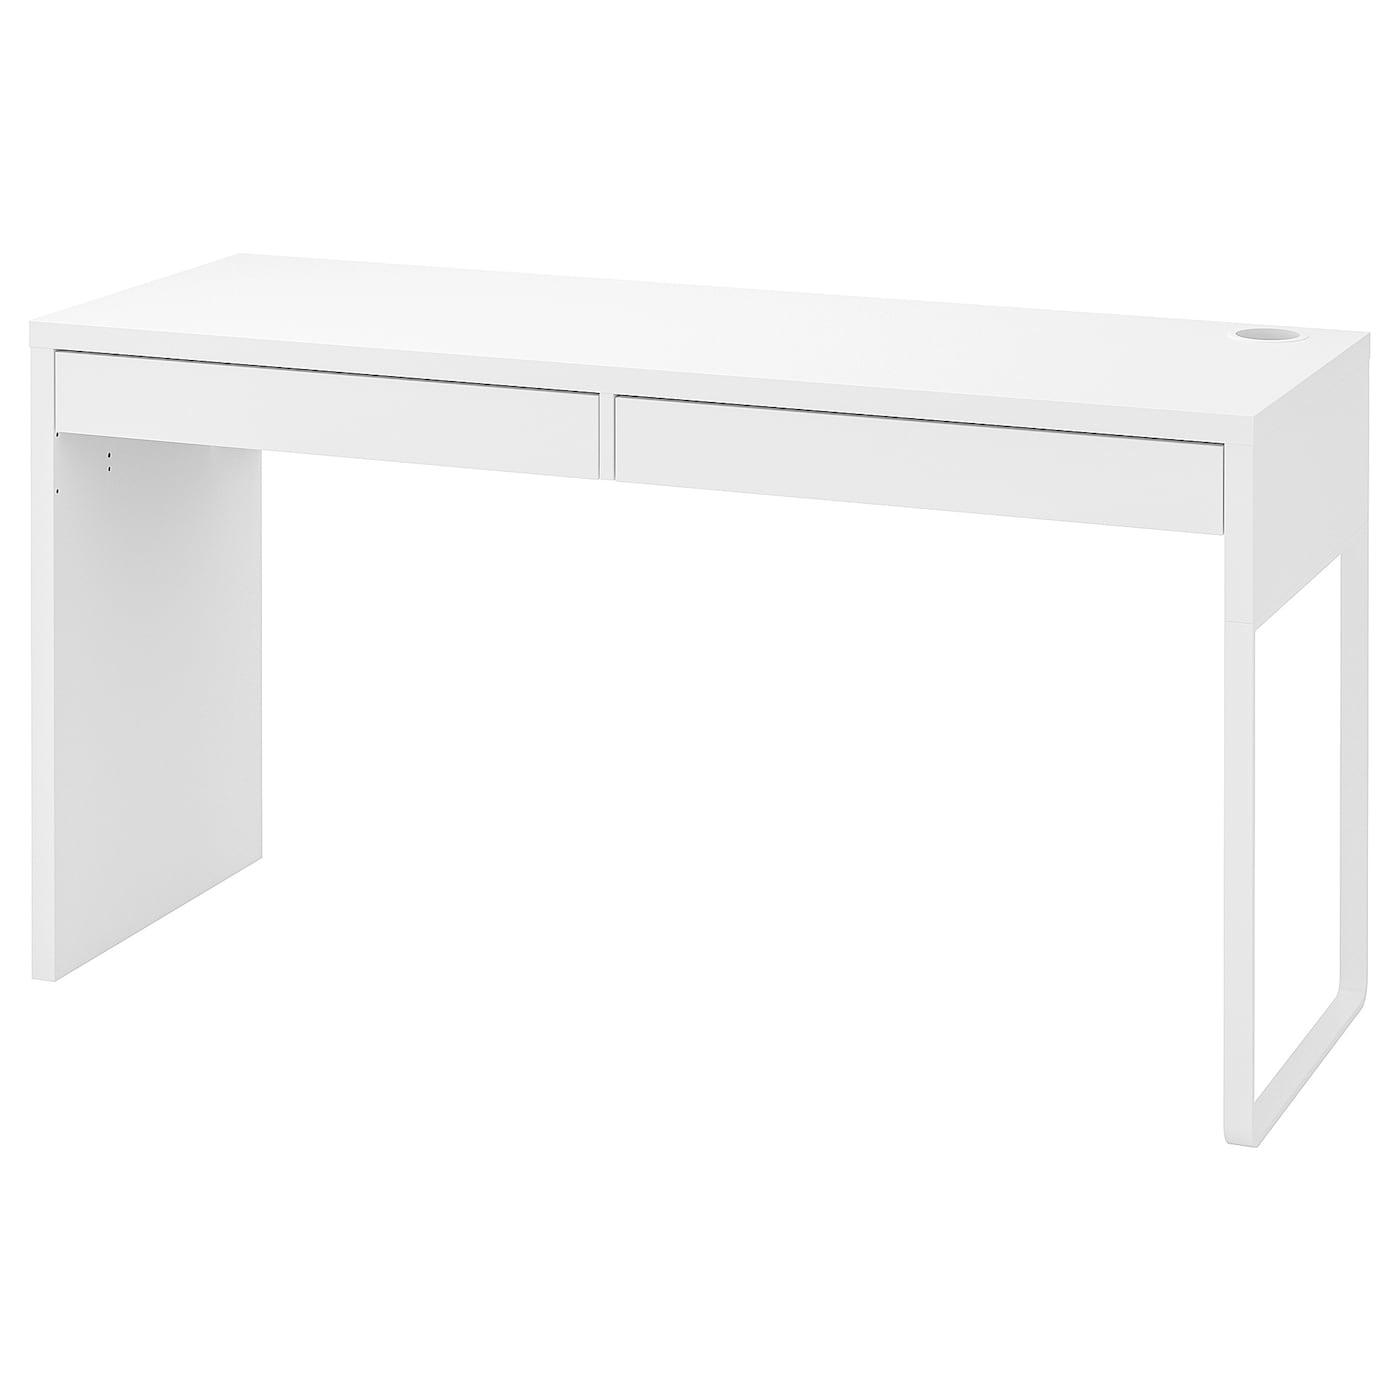 MICKE ホワイト IKEA デスク、ホワイト 10213077 (イケア)